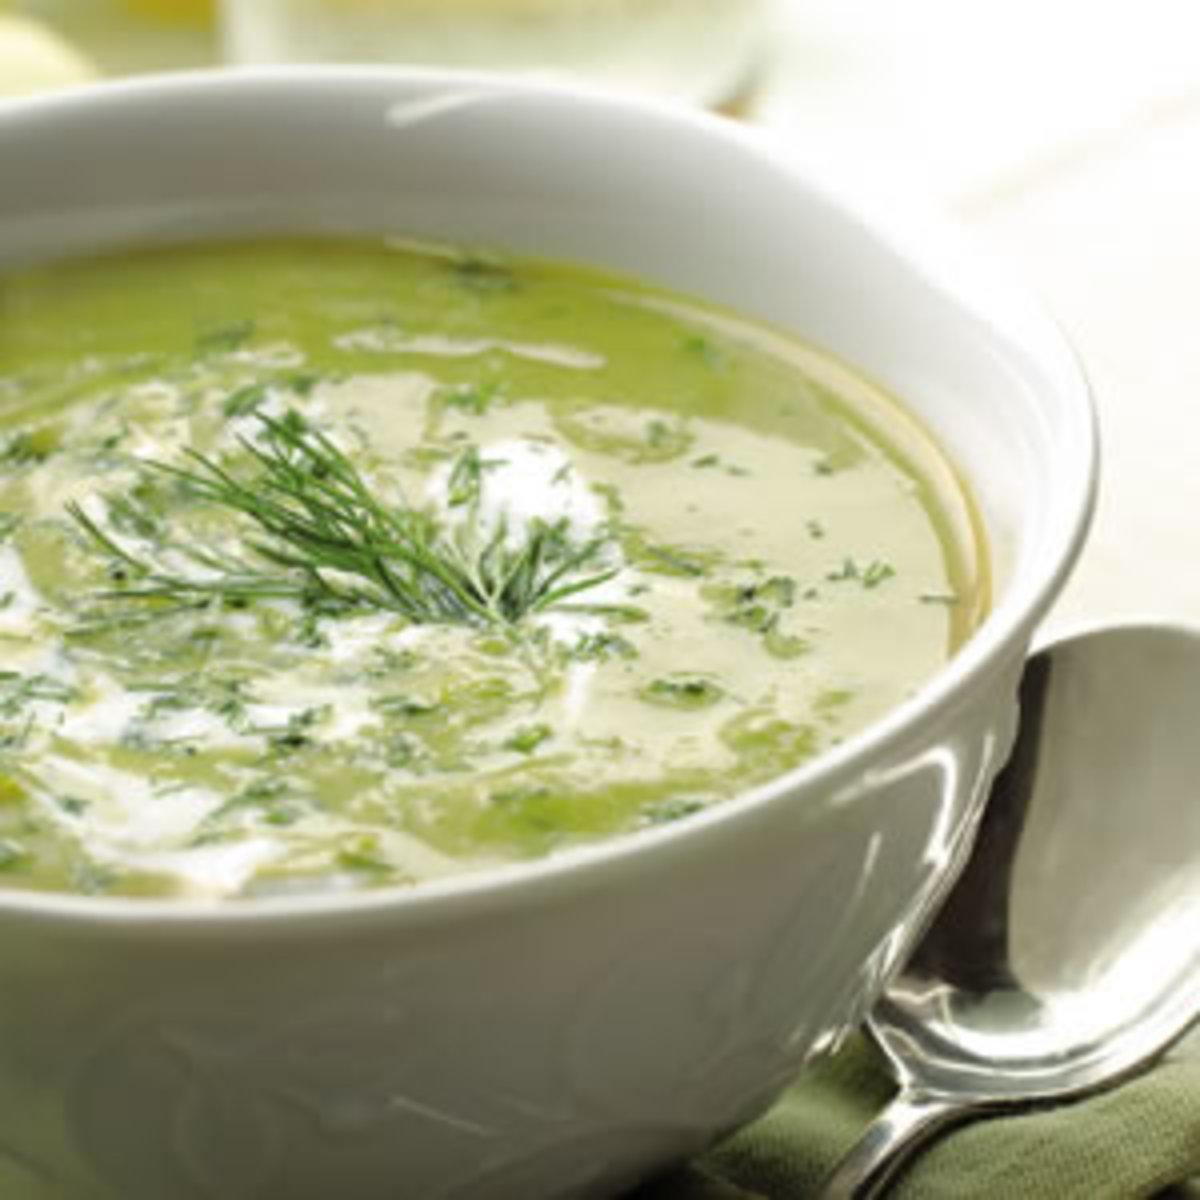 Pea soup recipies